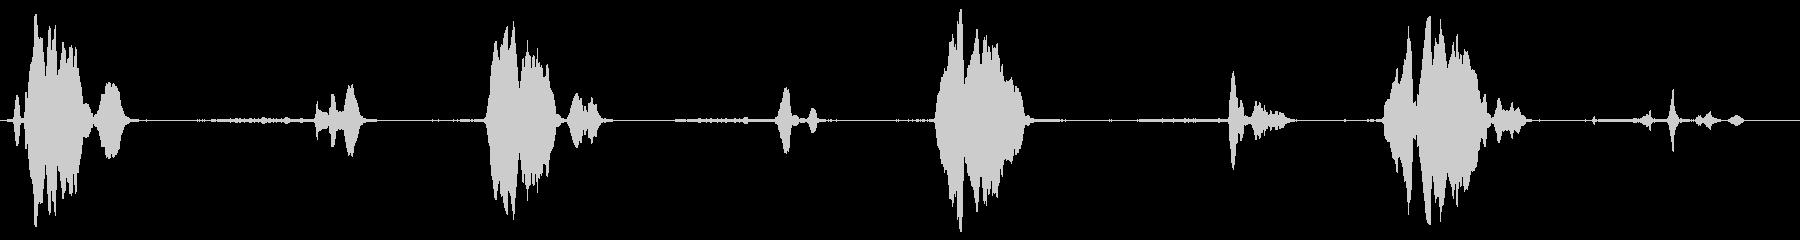 ポーチスイングキーキーイング(高速)の未再生の波形